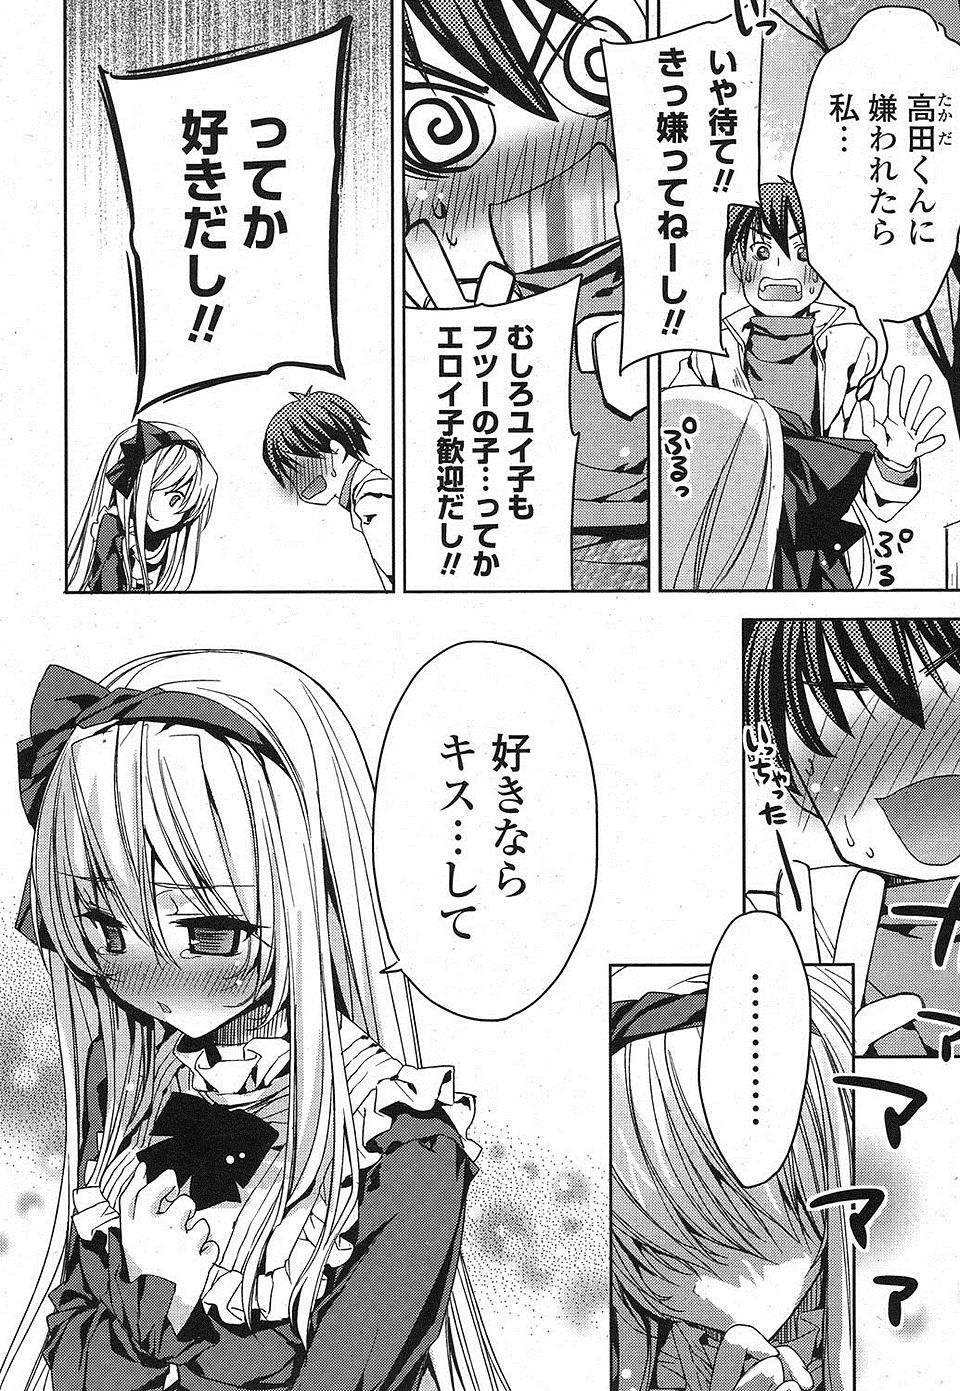 【エロ漫画・エロ同人】クールな巨乳美少女に告ったら即キスおねだりされてそのまま青姦セックスwww (10)